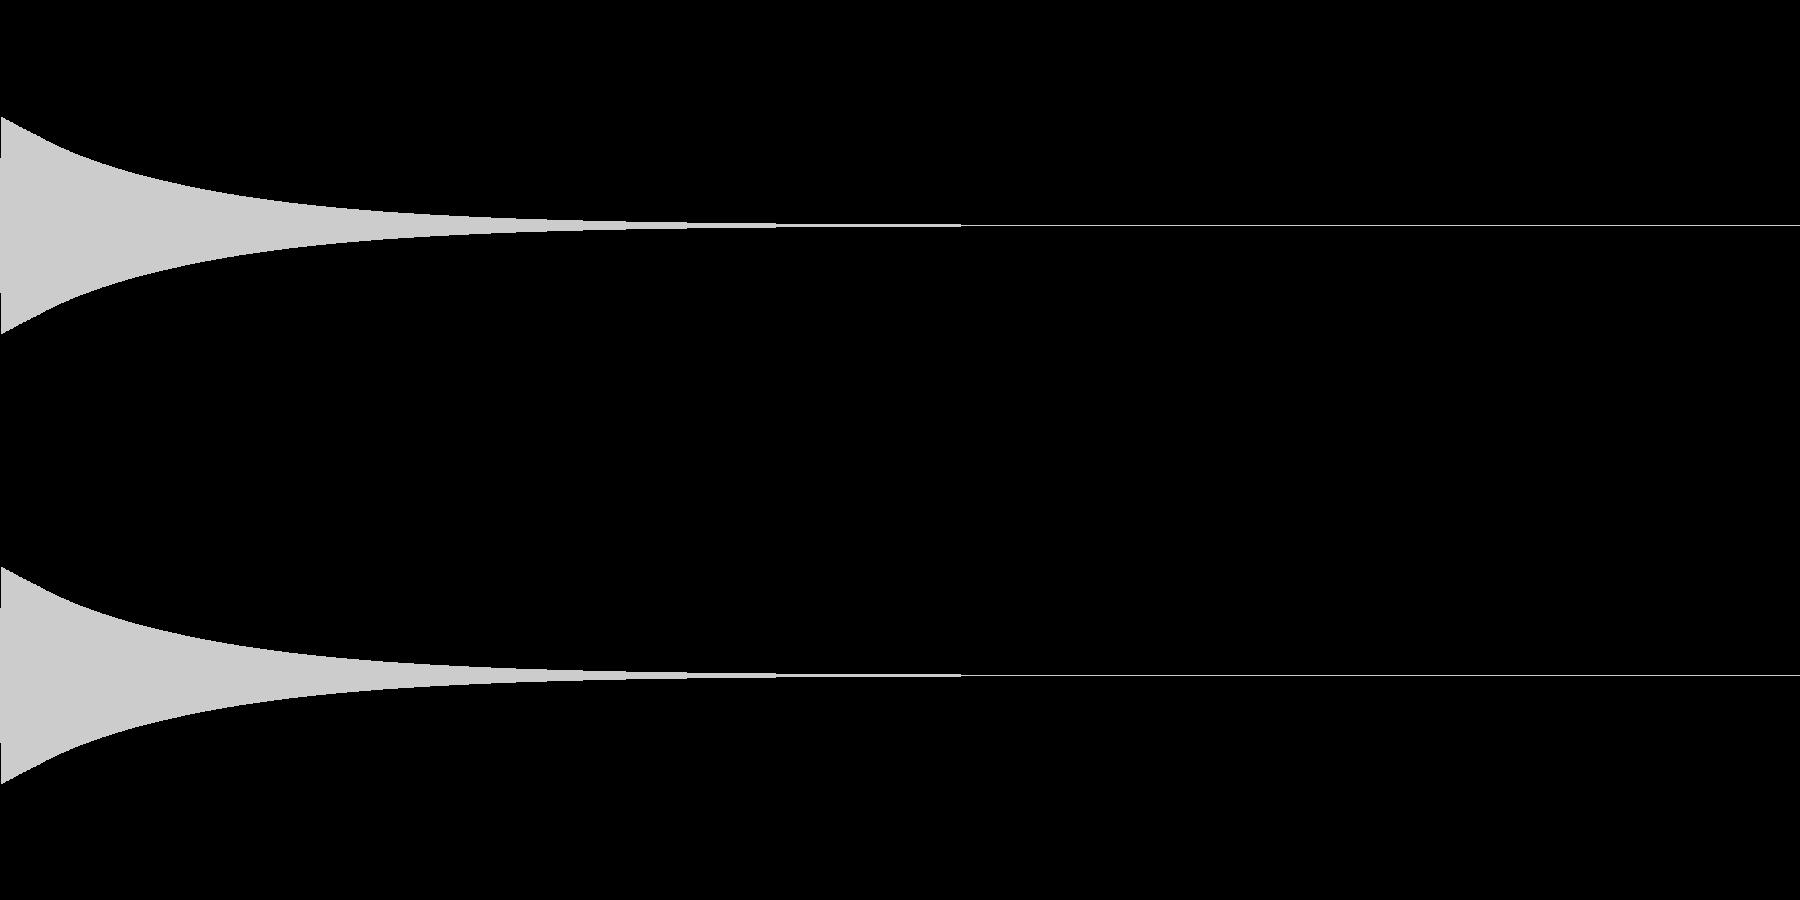 ベル/ポン/システム/金属/1の未再生の波形